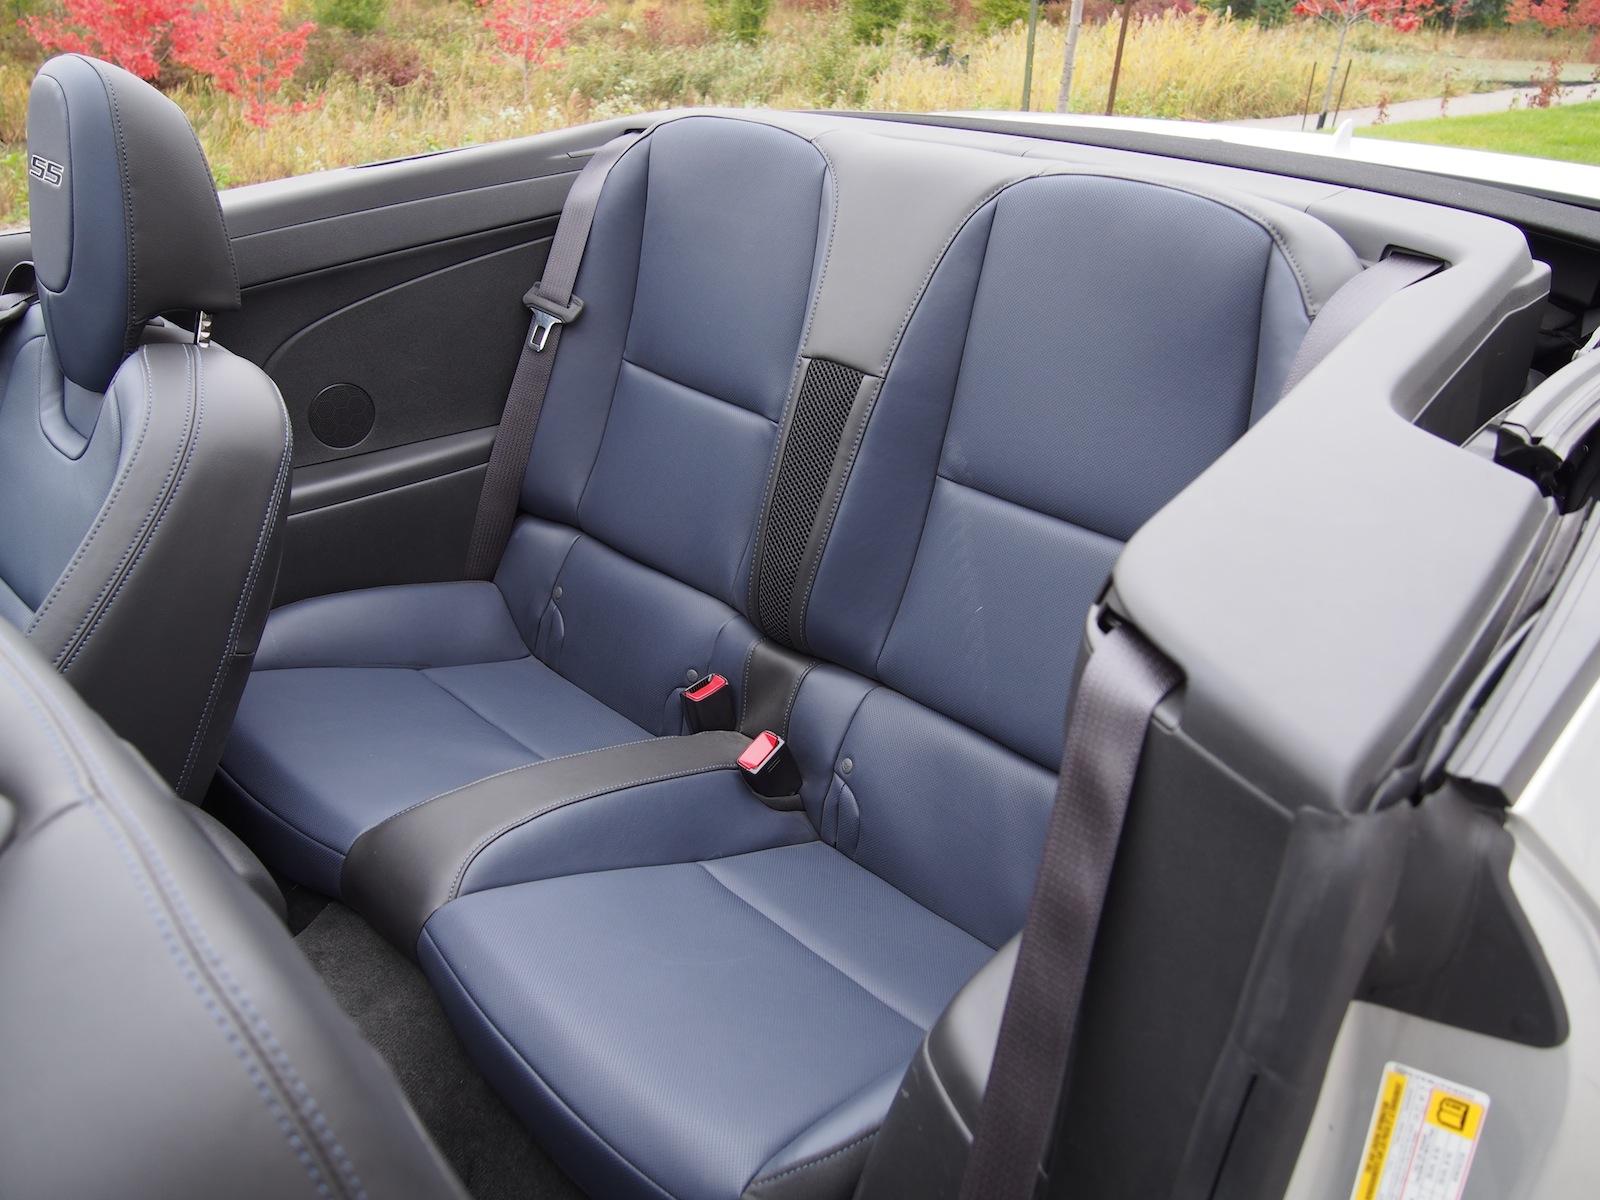 2015 chevrolet camaro ss convertible blue rear seats - Camaro 2015 Convertible Blue